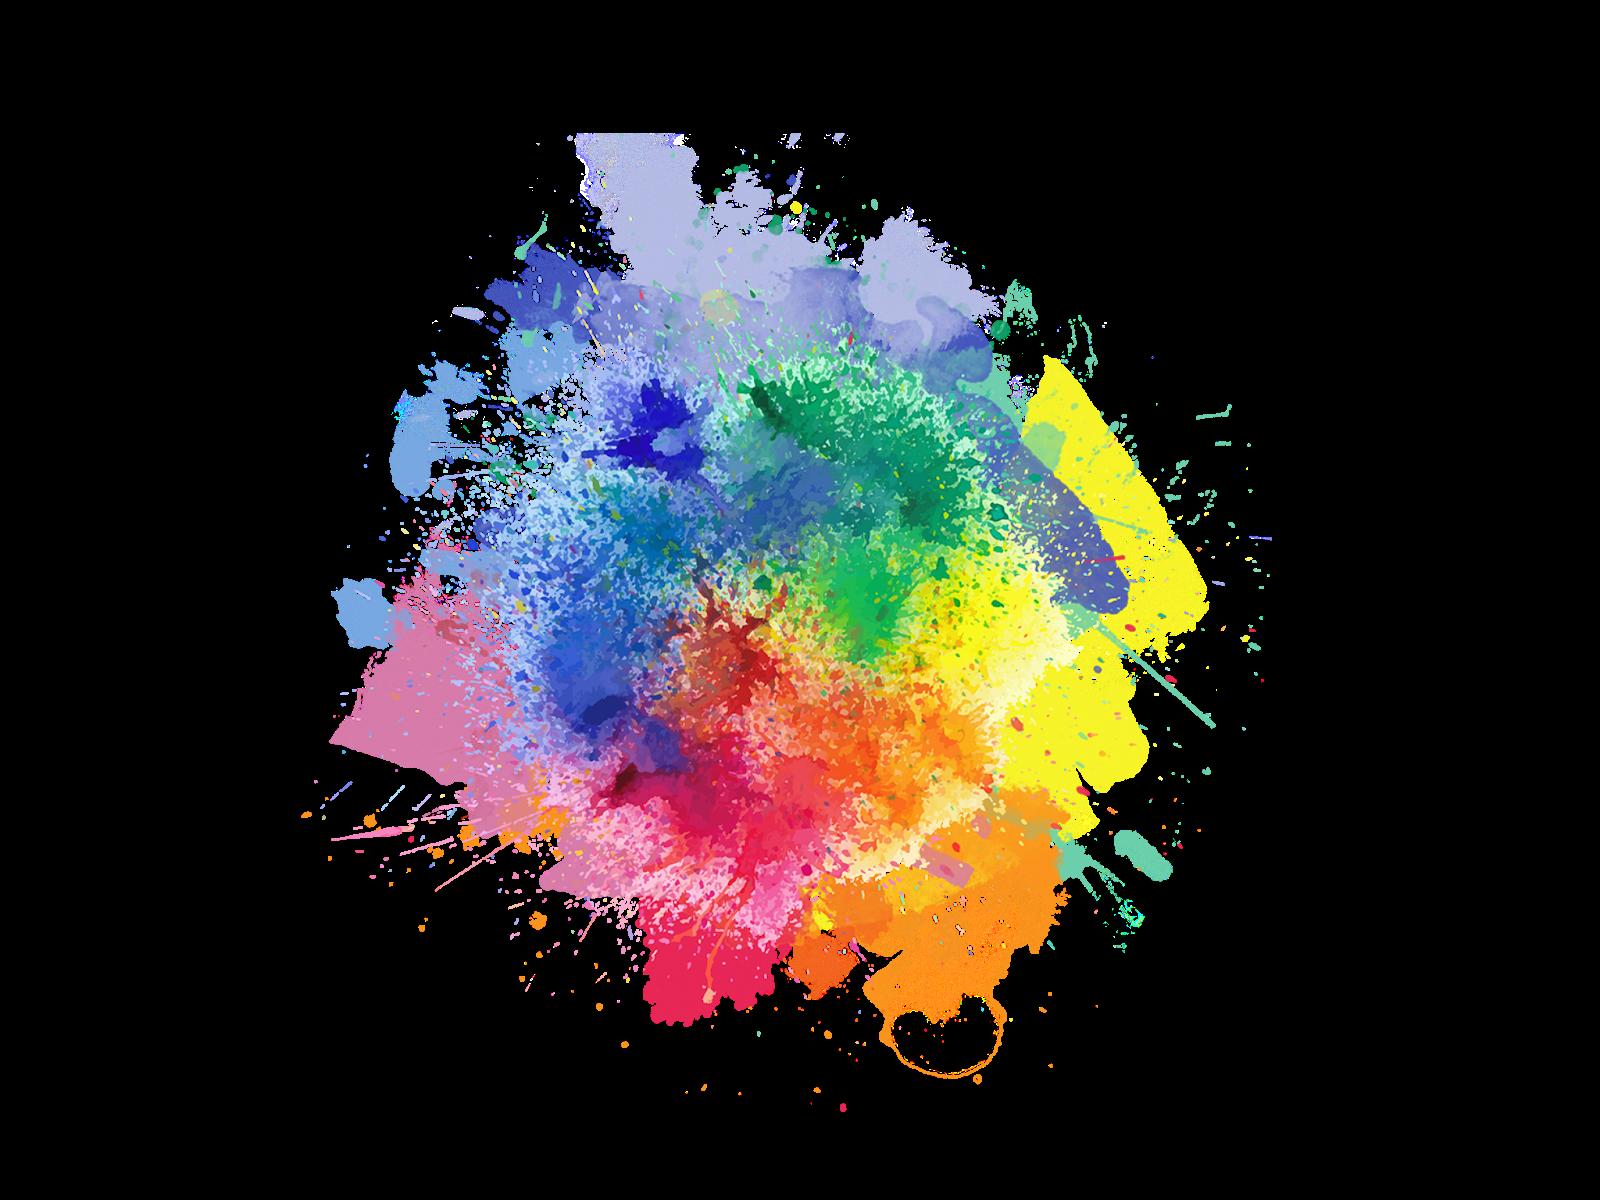 Powder Paint Clipart Transparent Color Powder Photoshoot - Transparent Png Colour Splash - HD Wallpaper